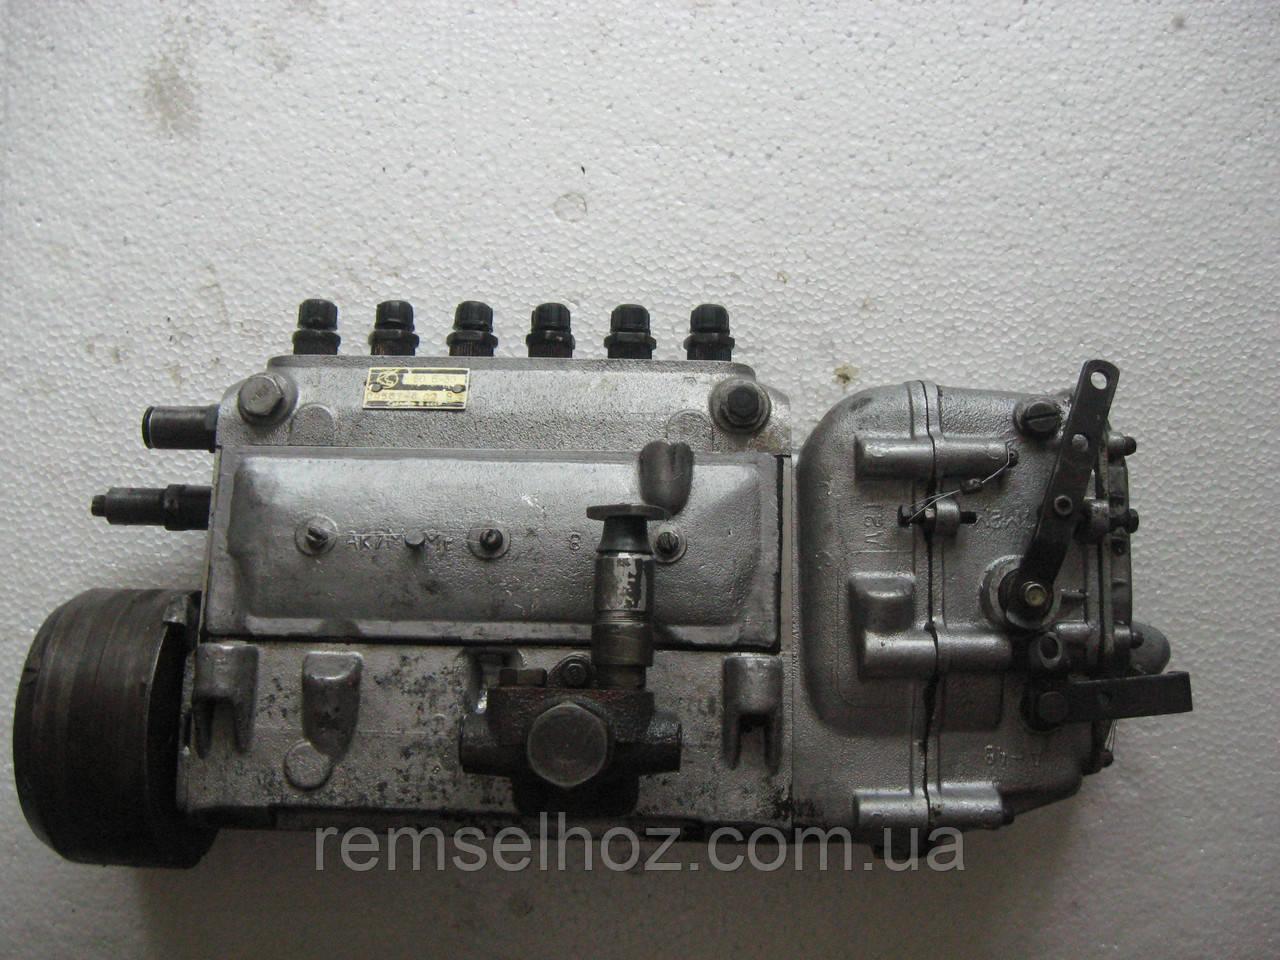 Топливный насос  высокого давления ТНВД ЯМЗ-236 - Ремсельхоз в Мелитополе